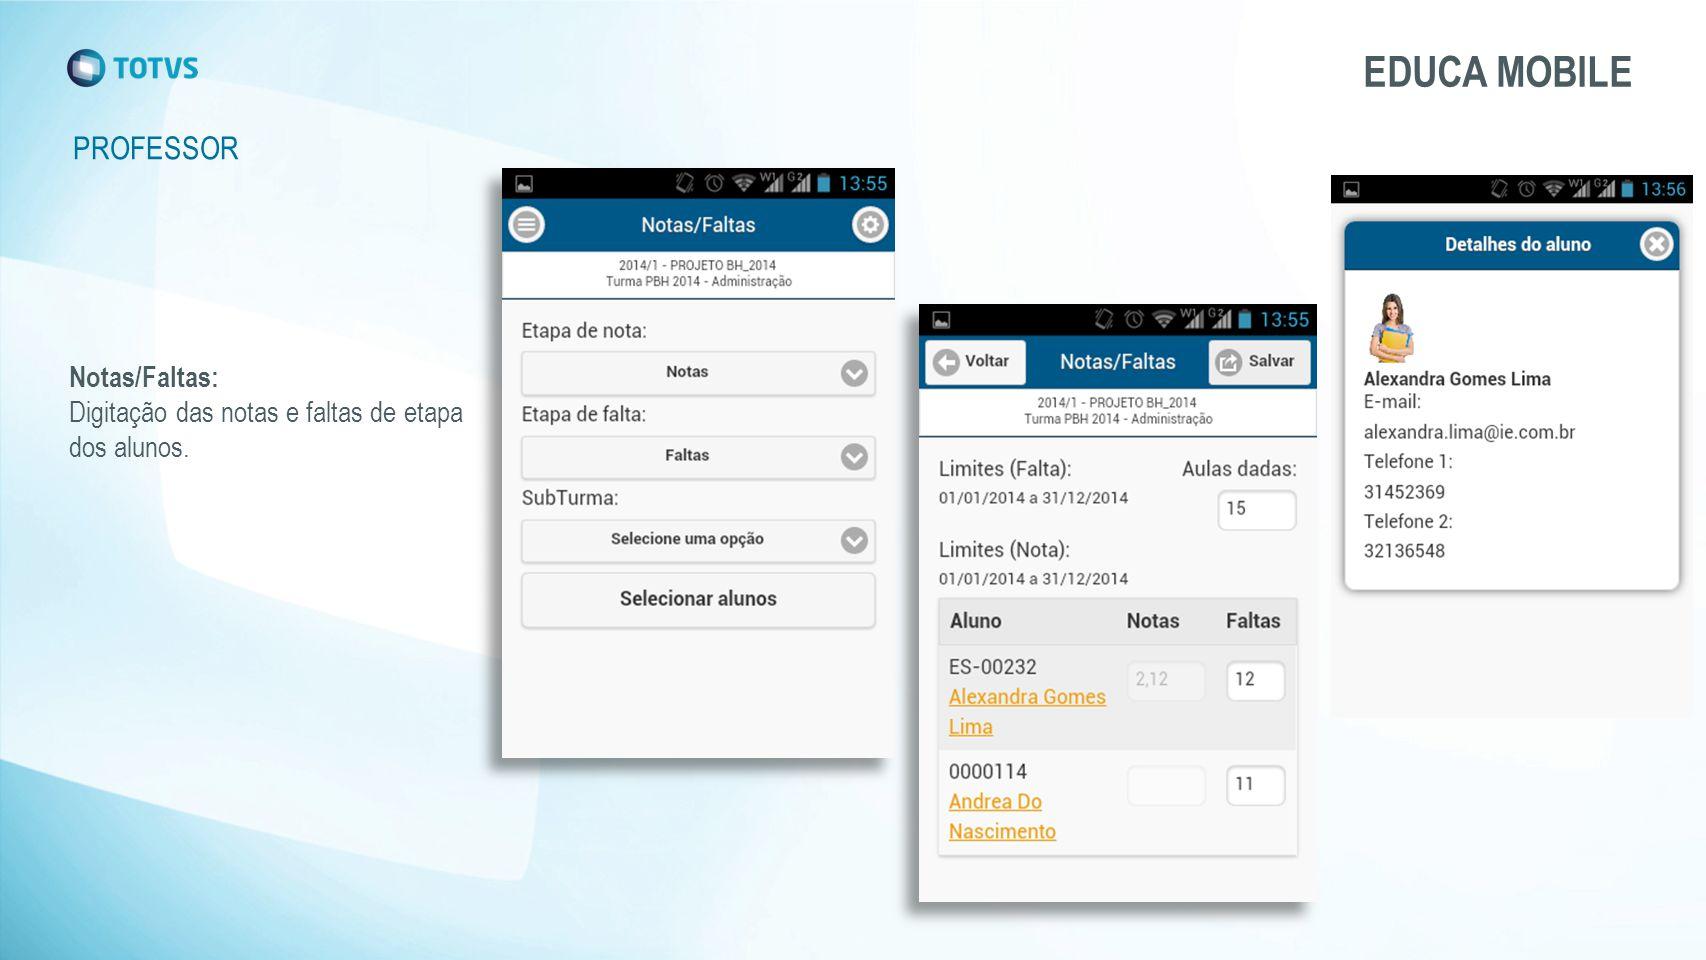 PROFESSOR EDUCA MOBILE Notas/Faltas: Digitação das notas e faltas de etapa dos alunos.